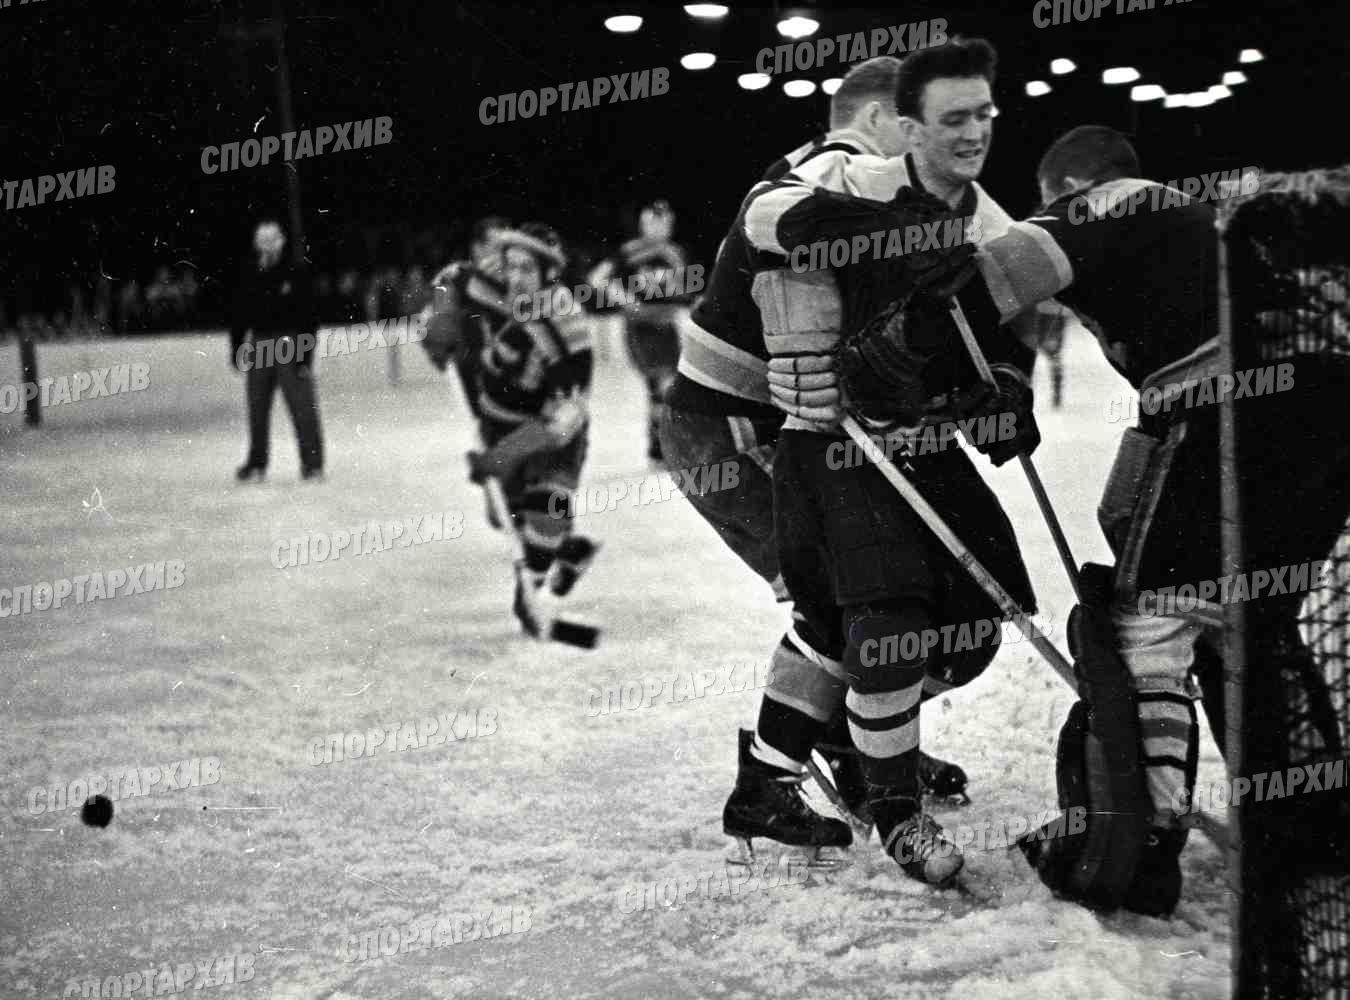 Стриганов 05 Свенссон Ч-врат 1959-03-02 Динамо М-Сб Юргордена и Седертелье Швеция.jpg